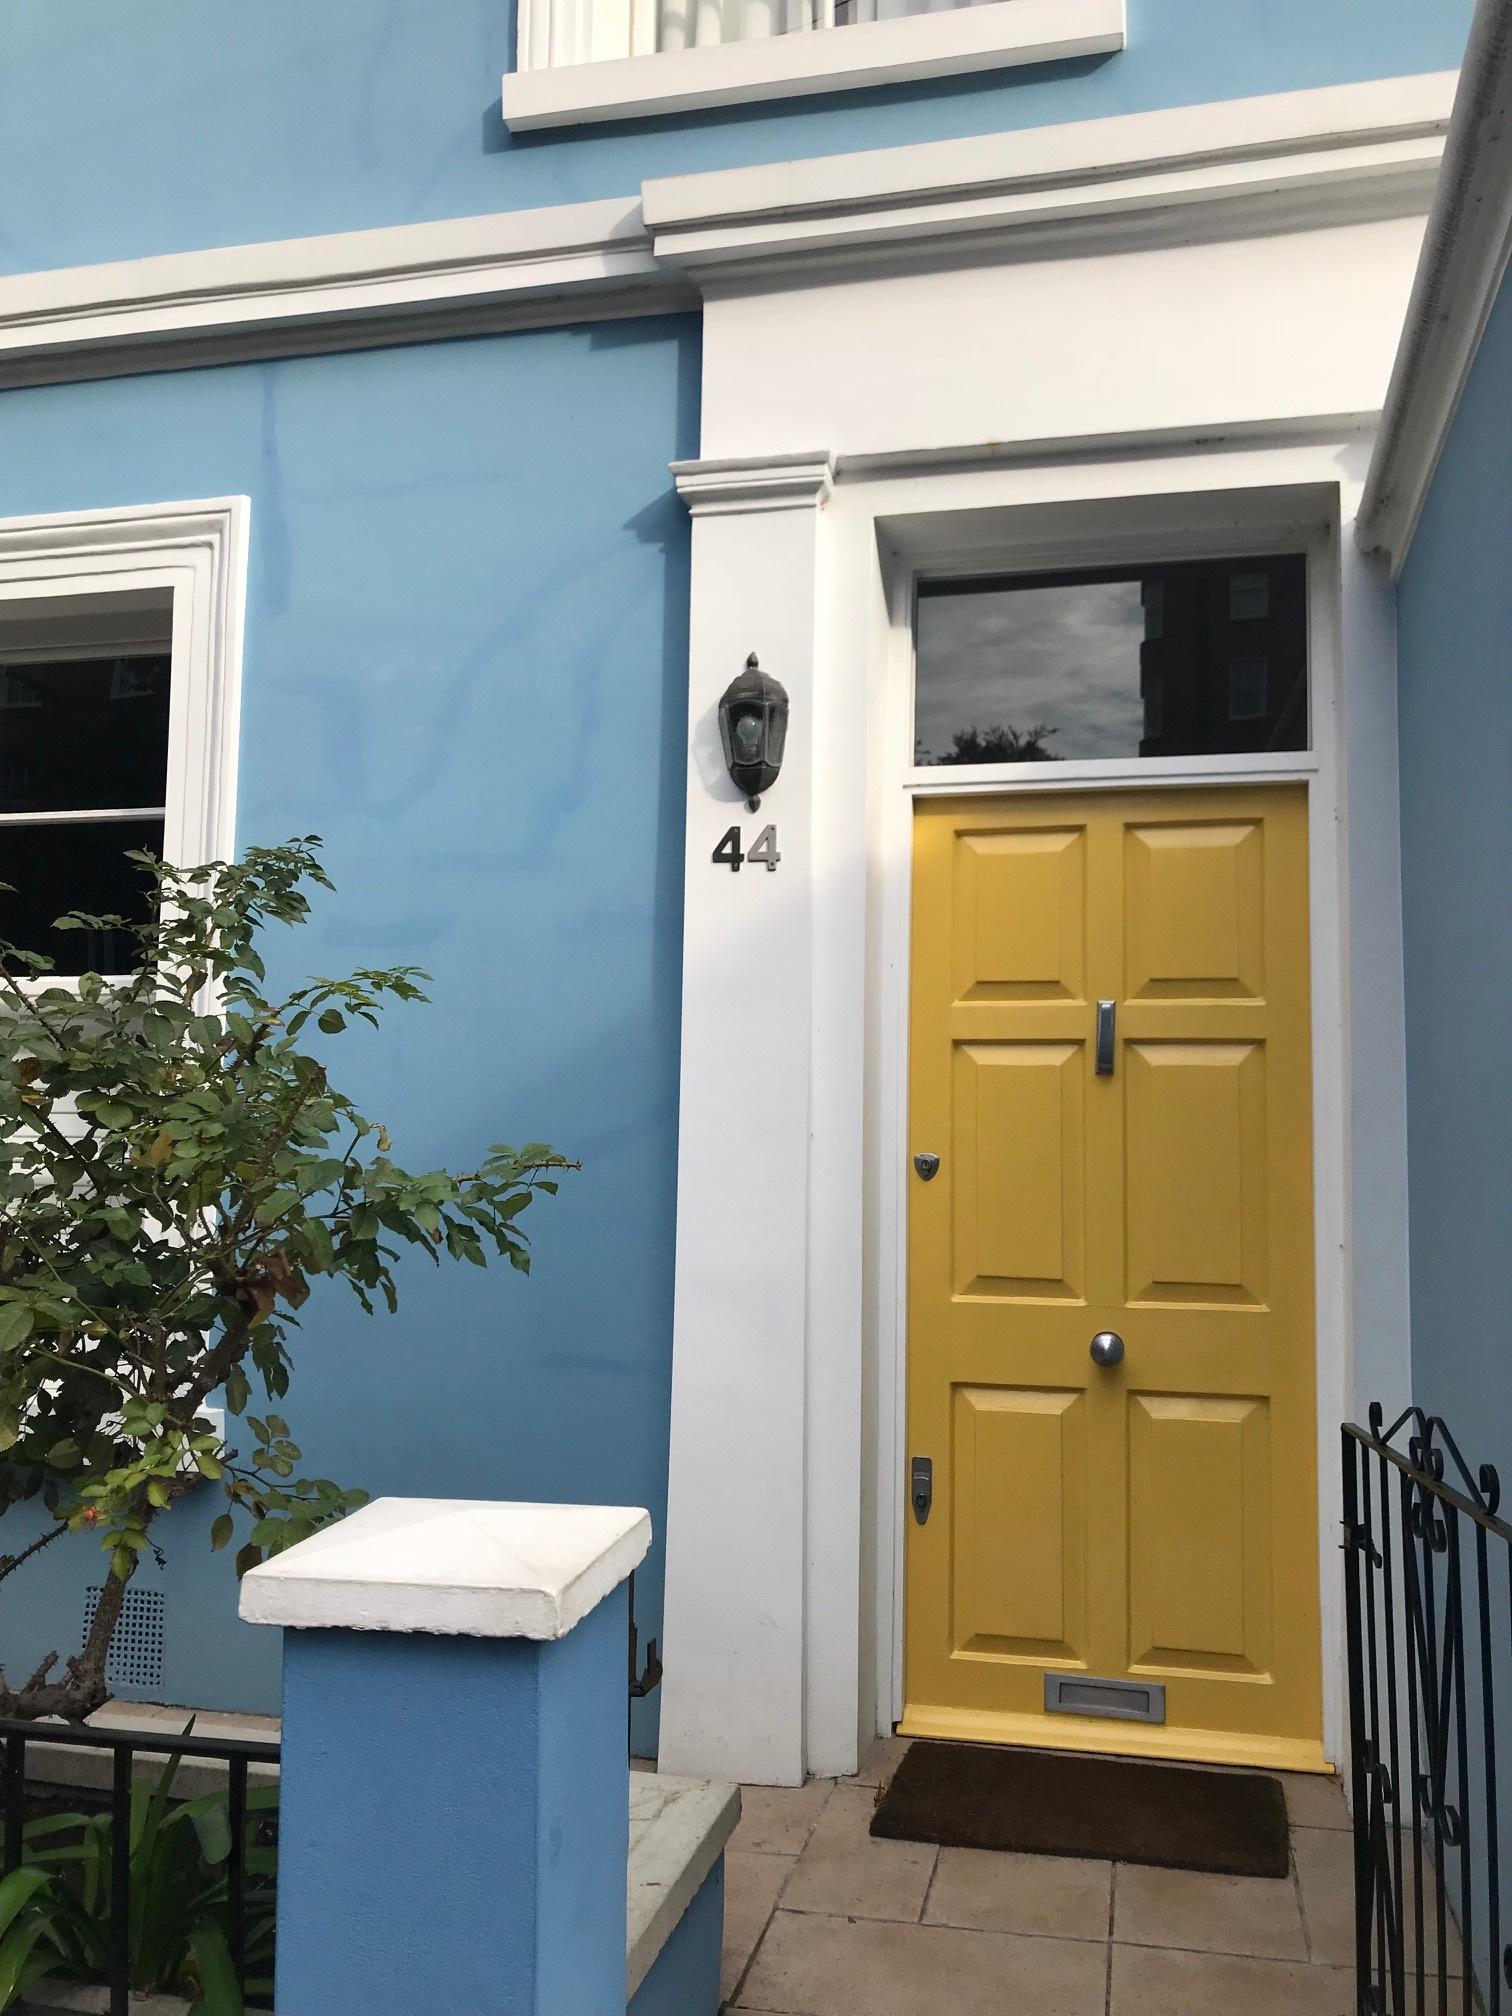 181020 Portobello Road 12.jpg